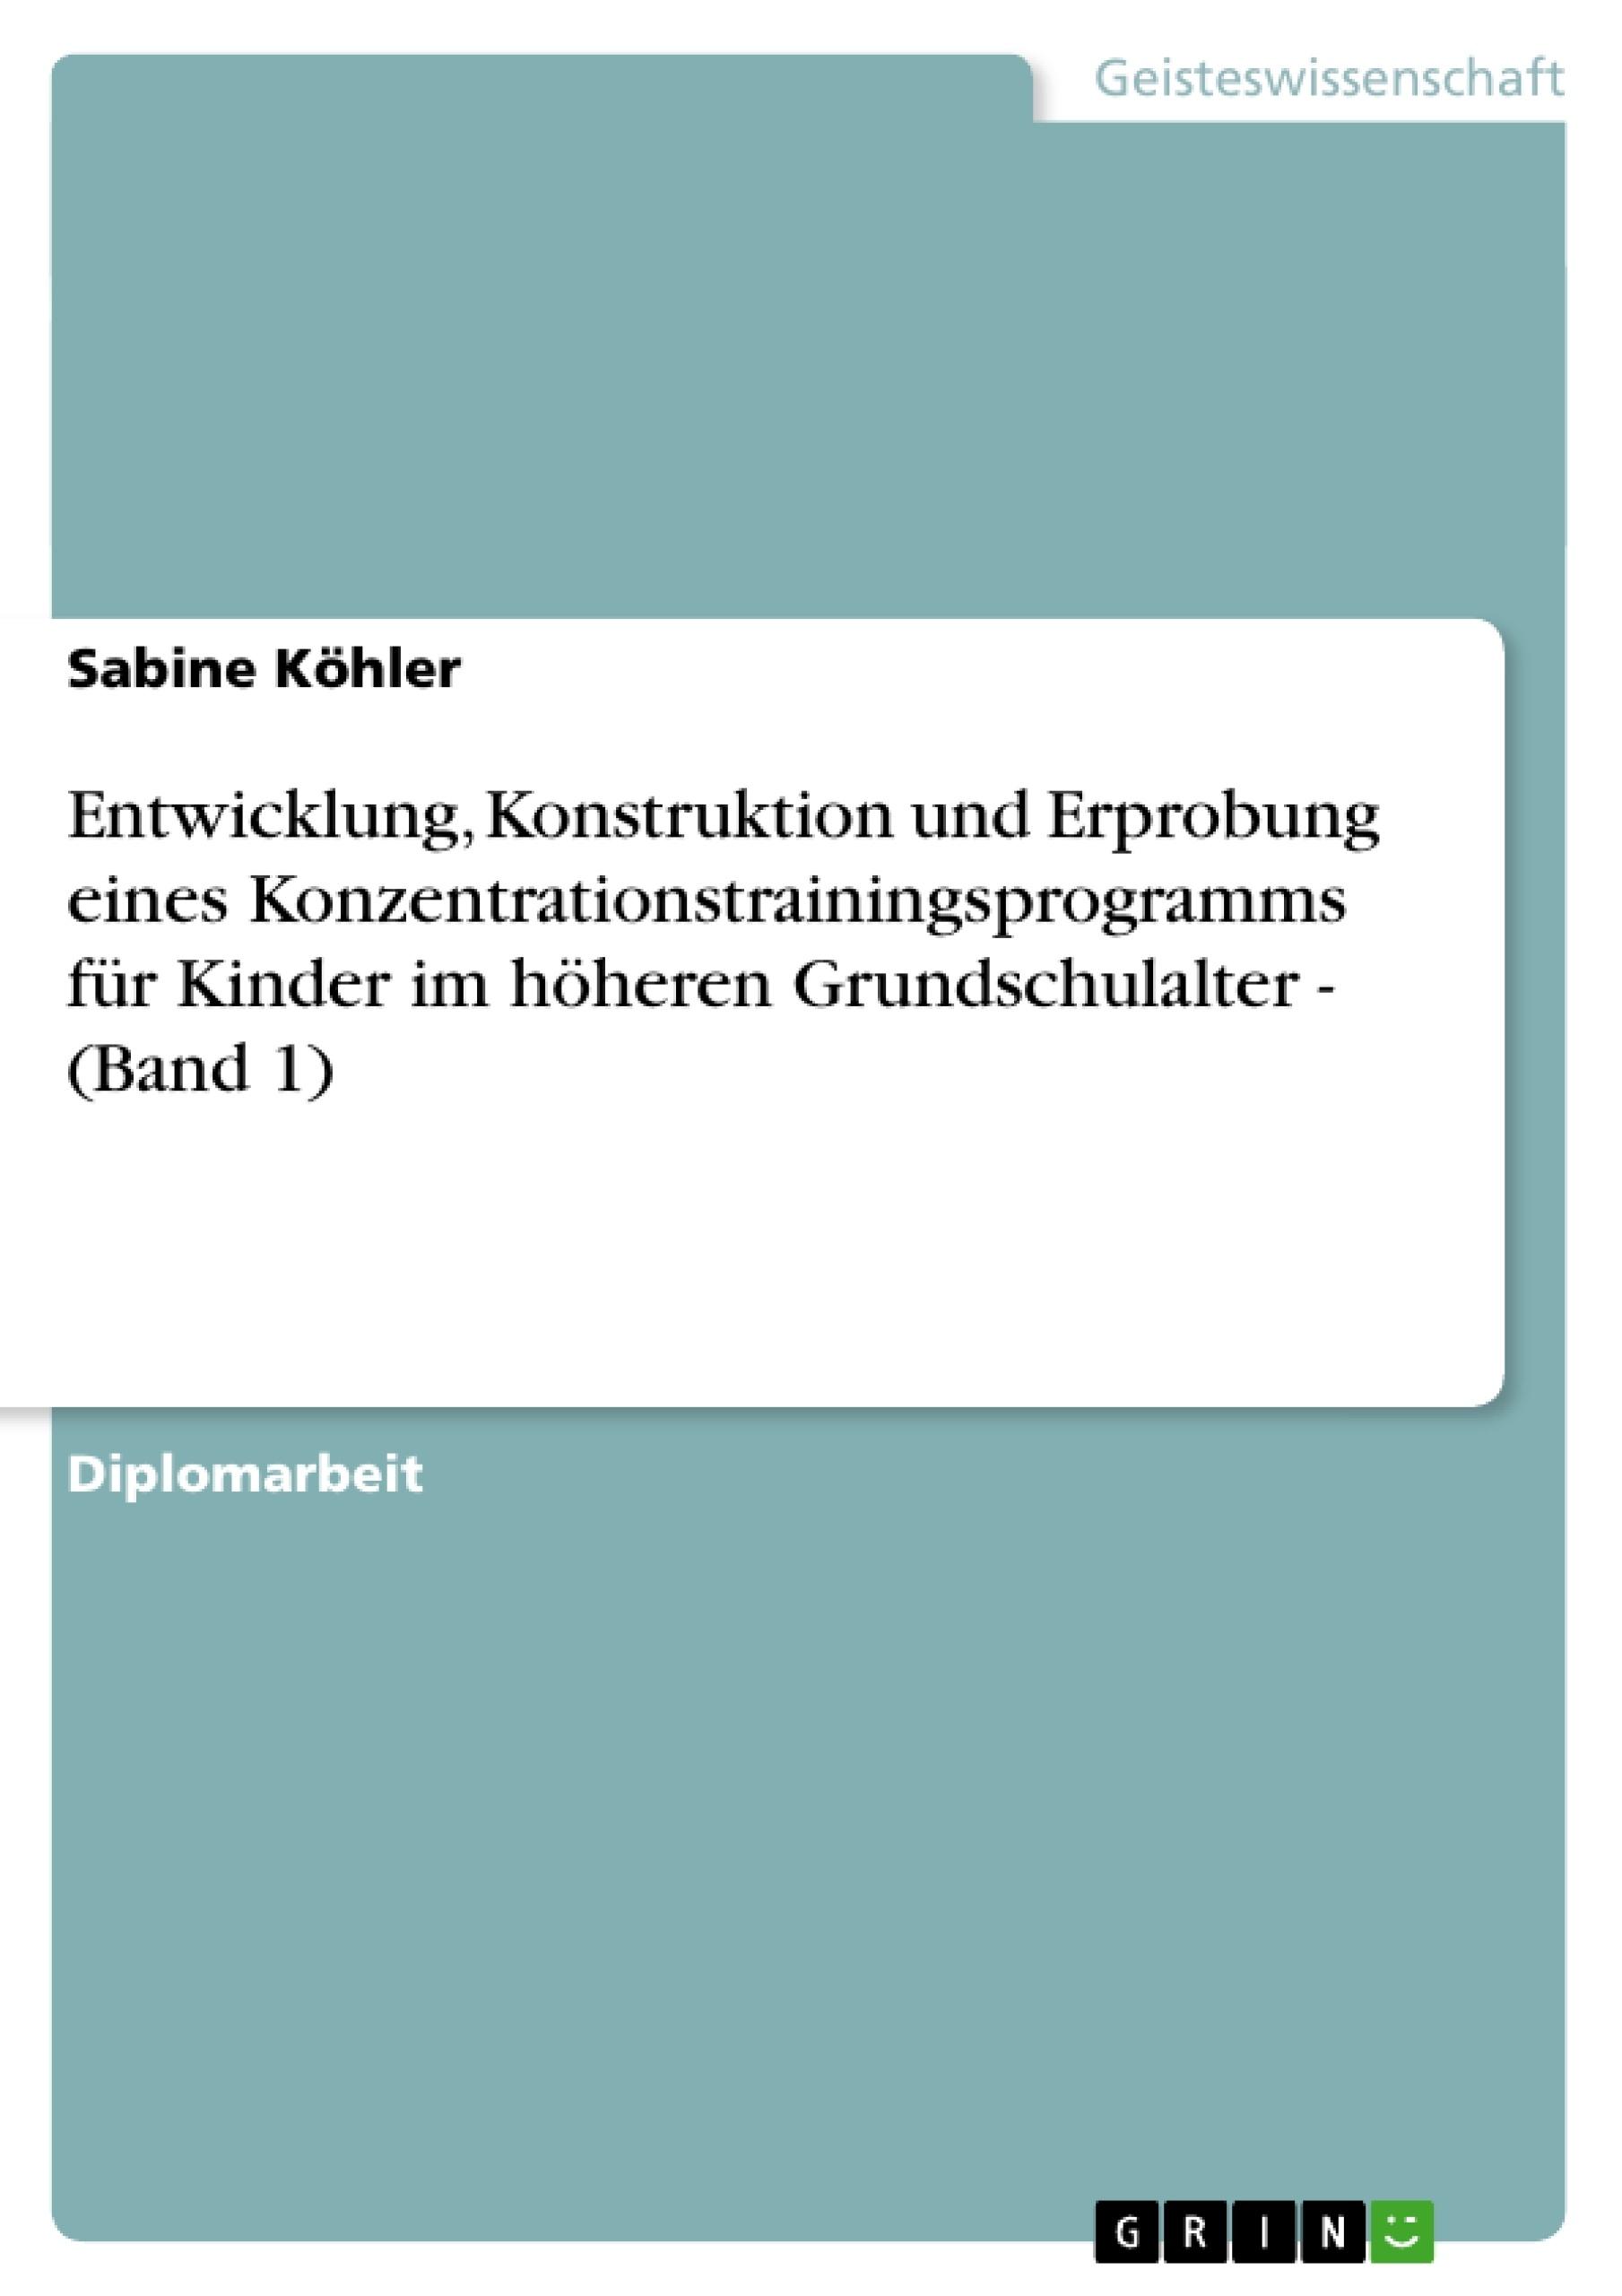 Titel: Entwicklung, Konstruktion und Erprobung eines Konzentrationstrainingsprogramms für Kinder im höheren Grundschulalter - (Band 1)